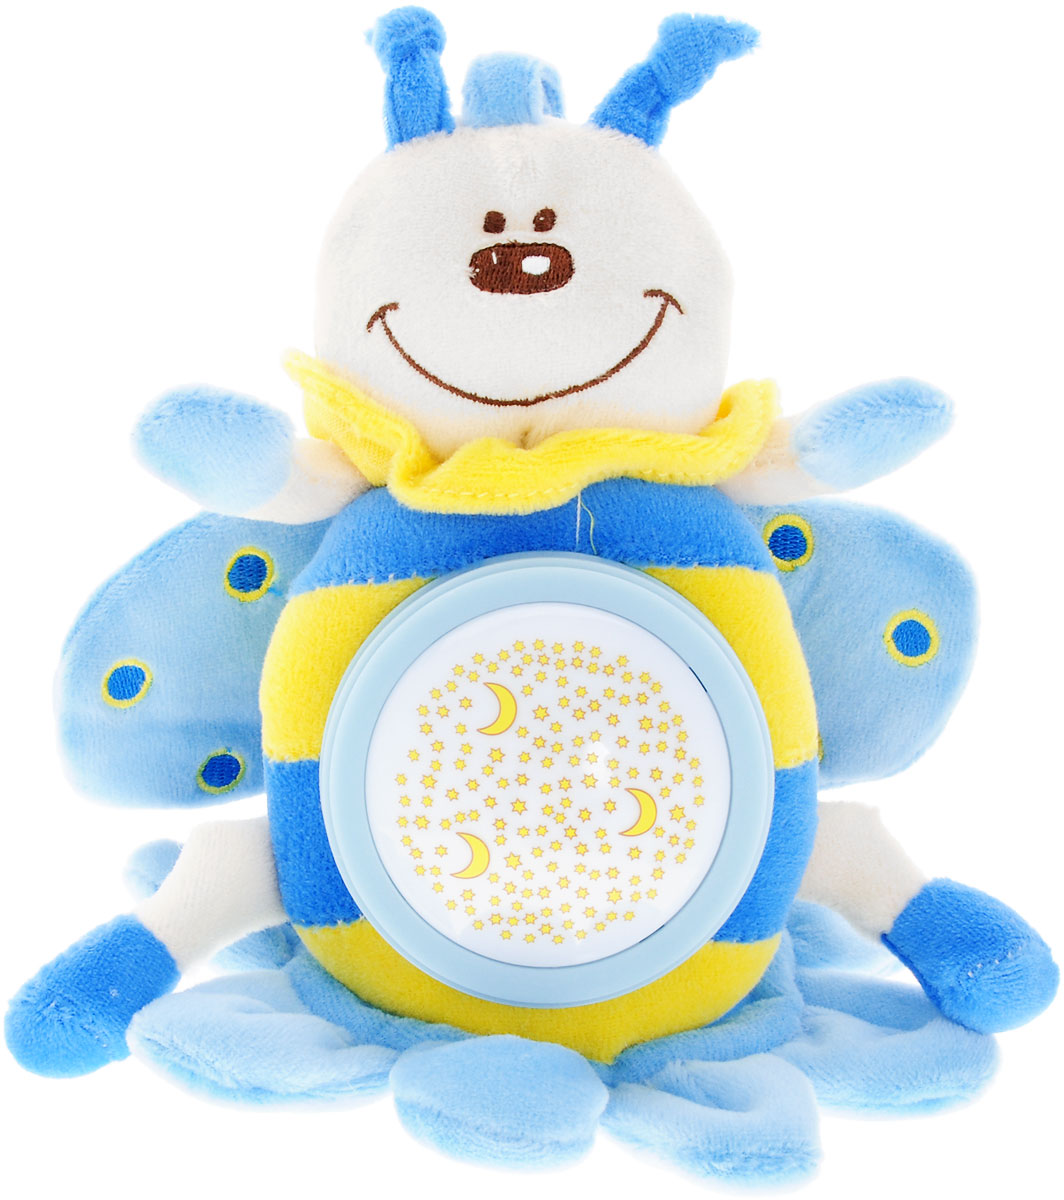 Simba Музыкальная игрушка-подвеска Плюшевые насекомые цвет голубой simba автомобиль с прицепом цвет серый